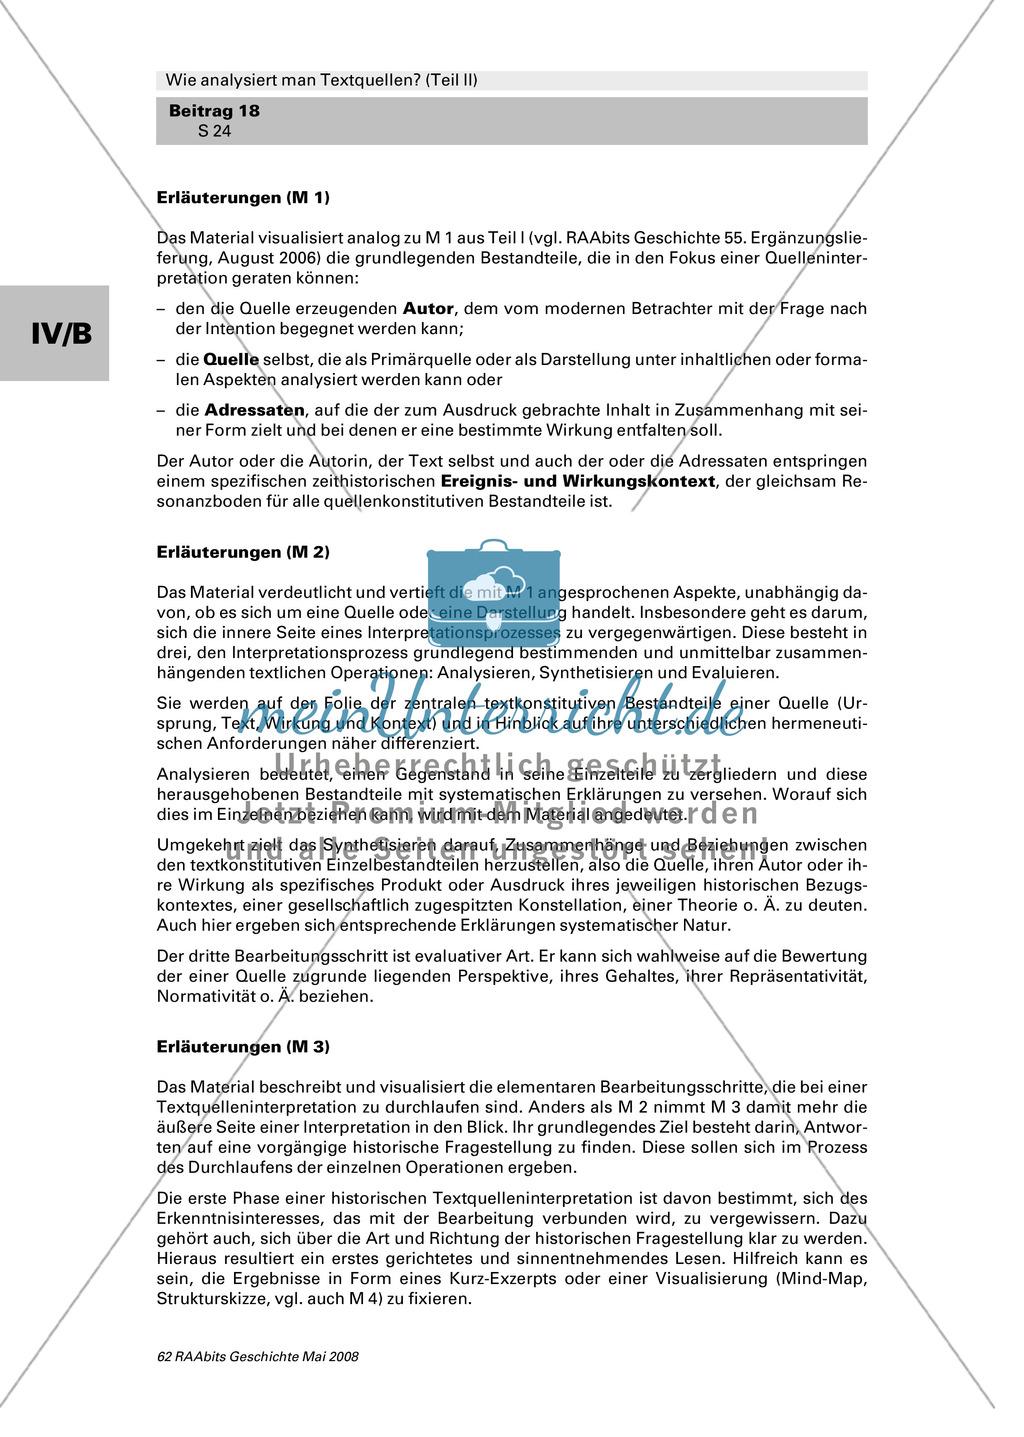 Analyse von Textquellen: Die wichtigsten Schritte einer historischen Textquelleninterpretation an Schaubildern erklärt Preview 3